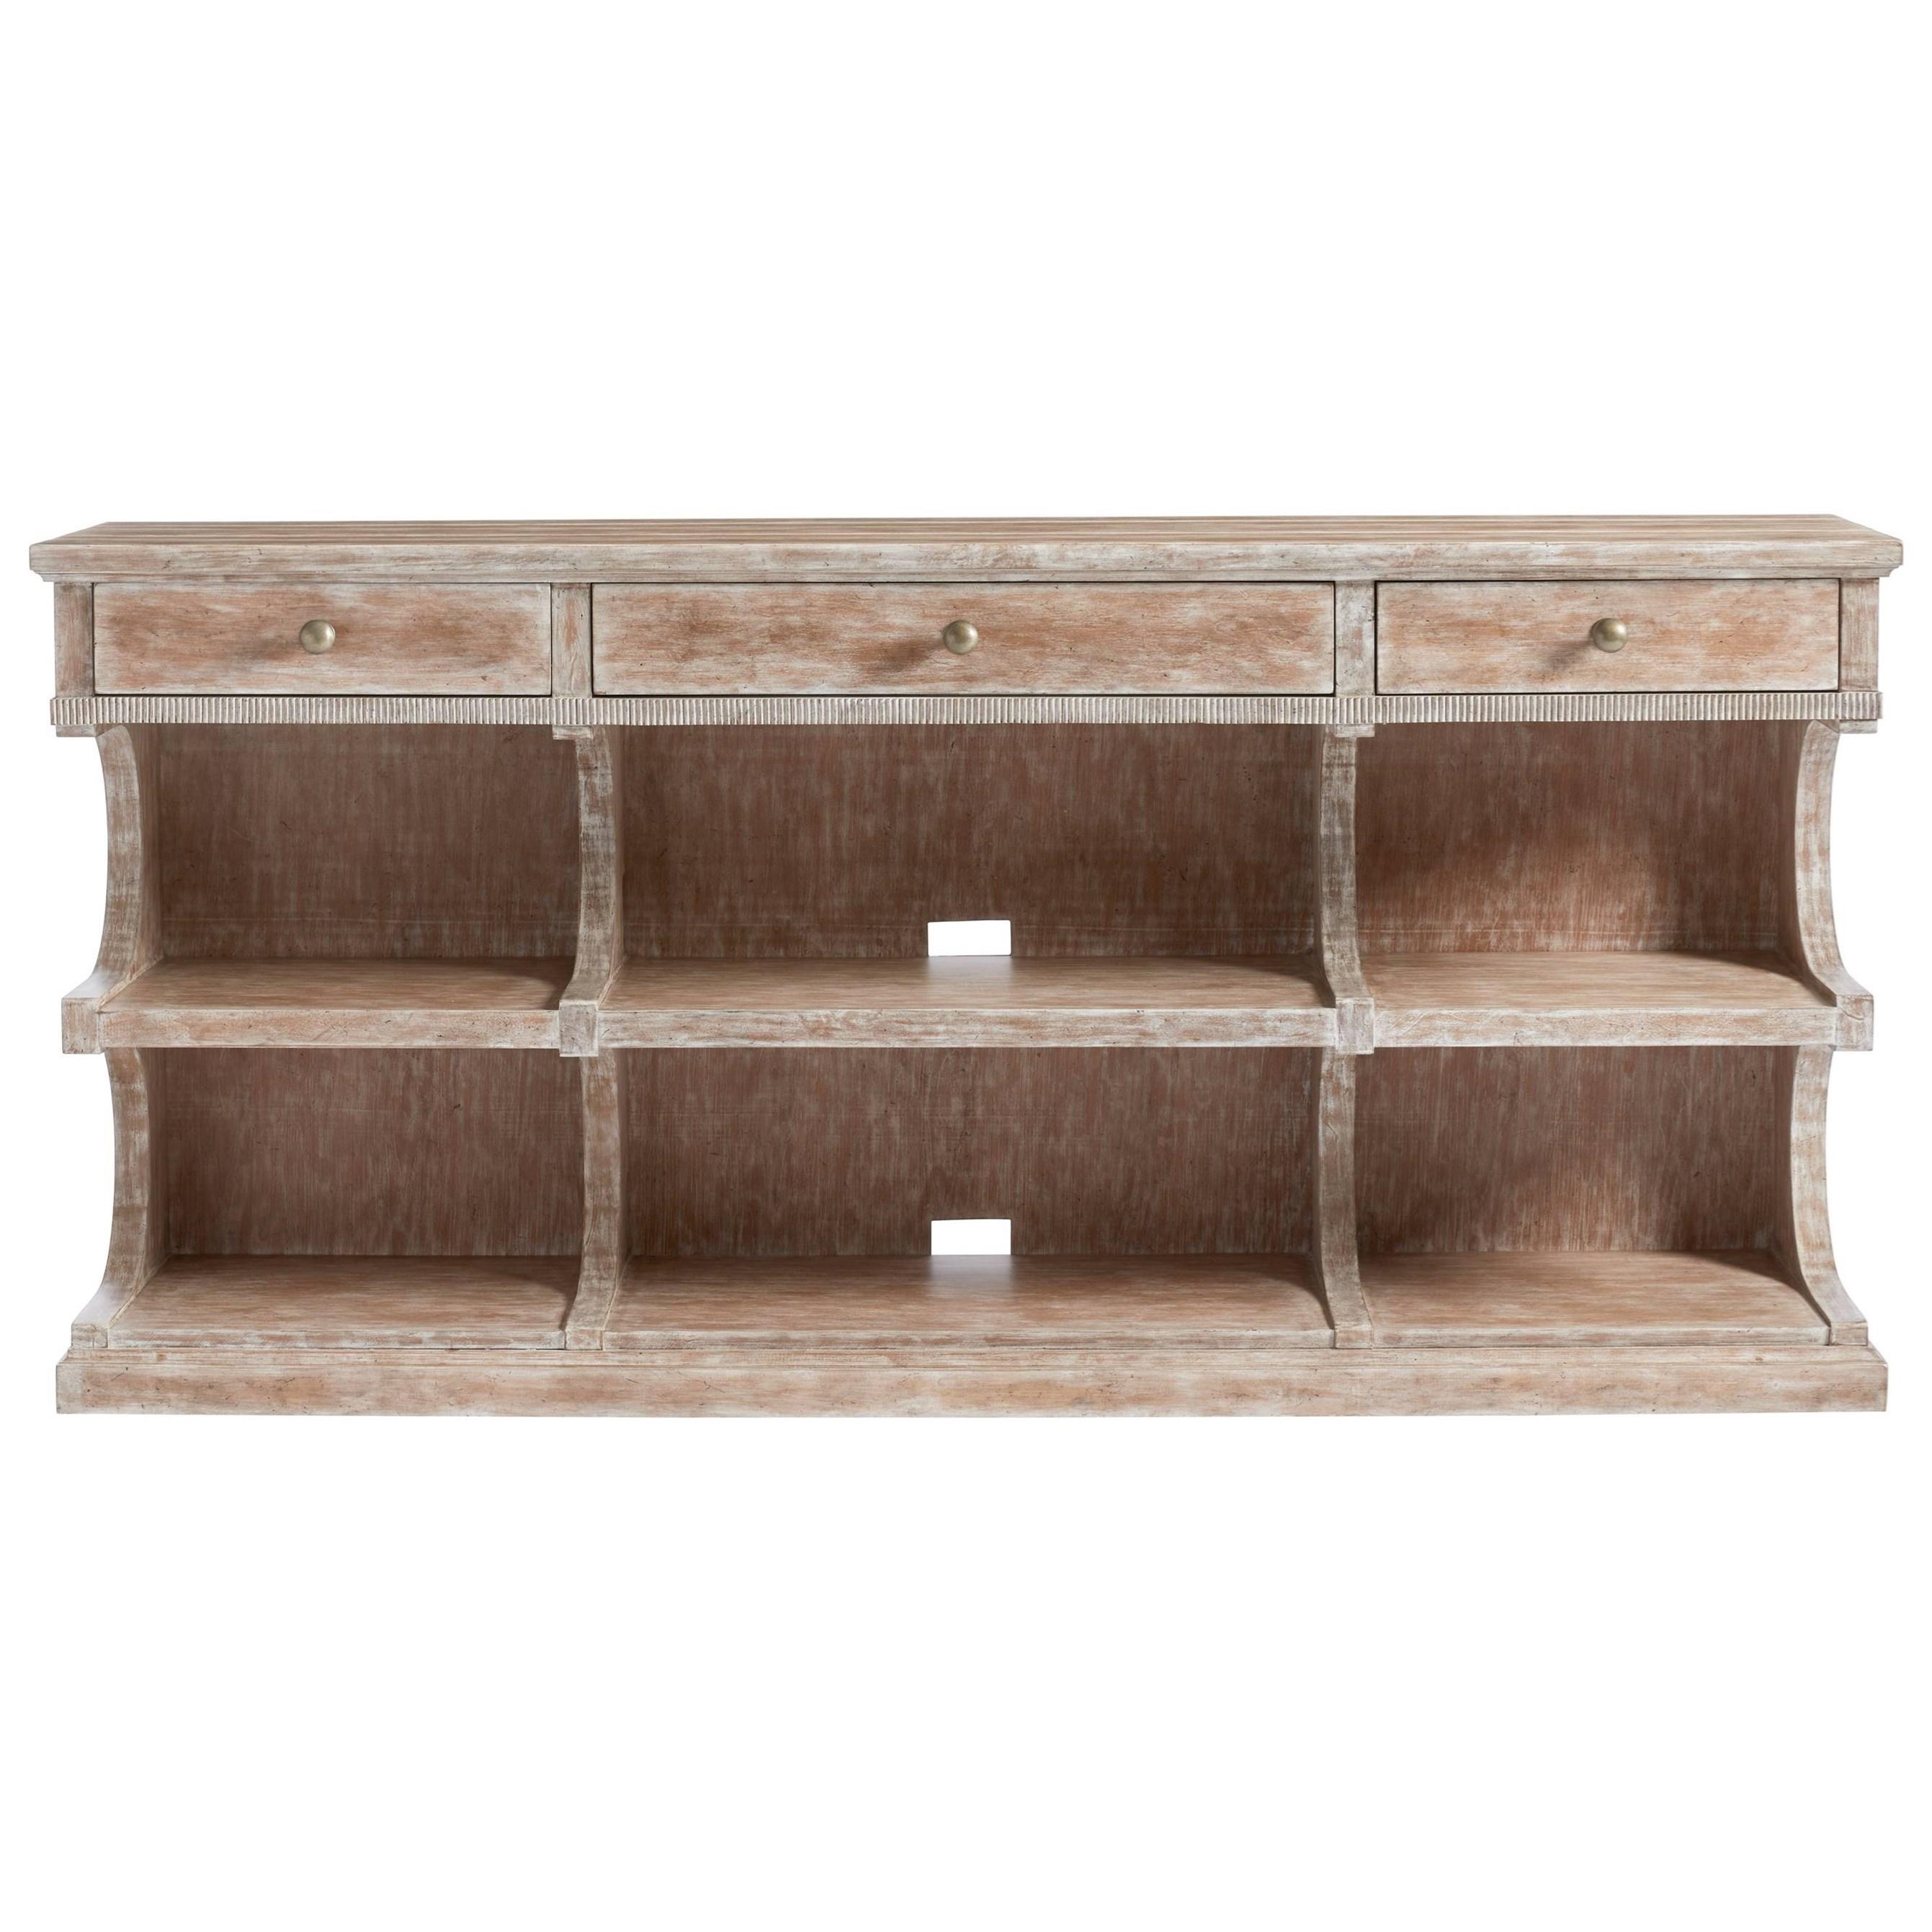 Stanley furniture juniper dell 615 65 30 media console for Furniture 65